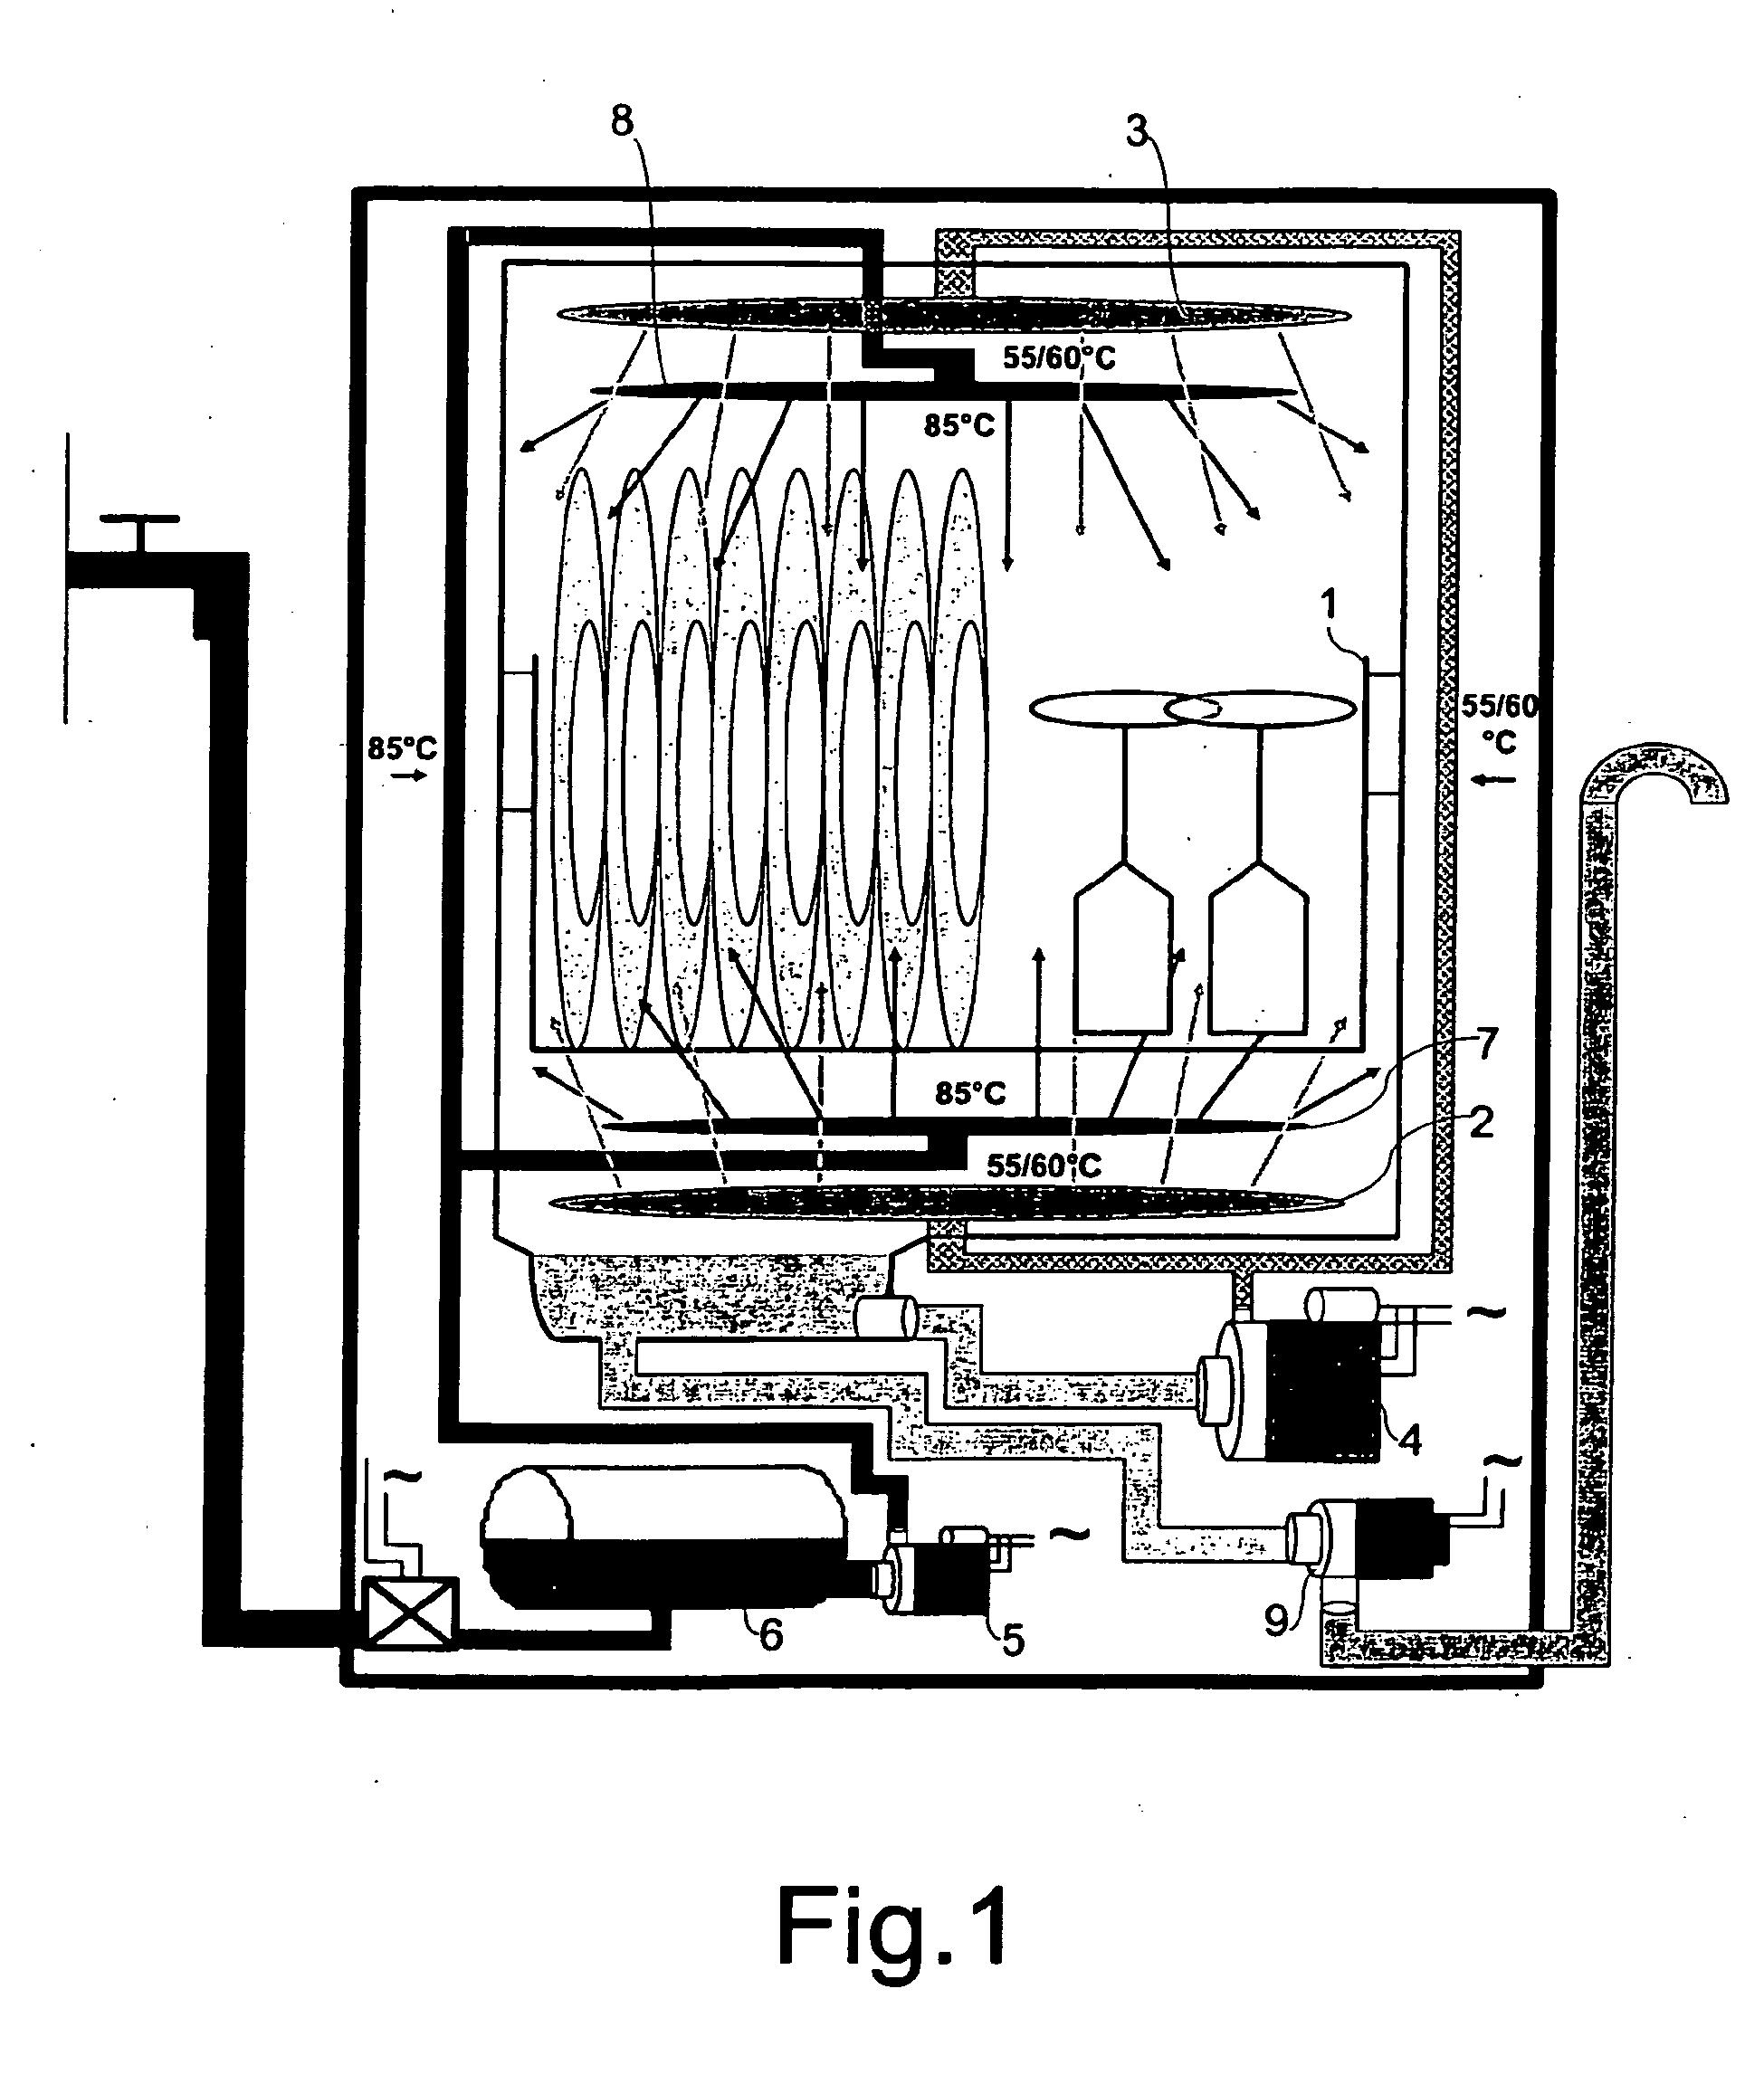 patent ep2042073b1 cycle de fonctionnement pour lave